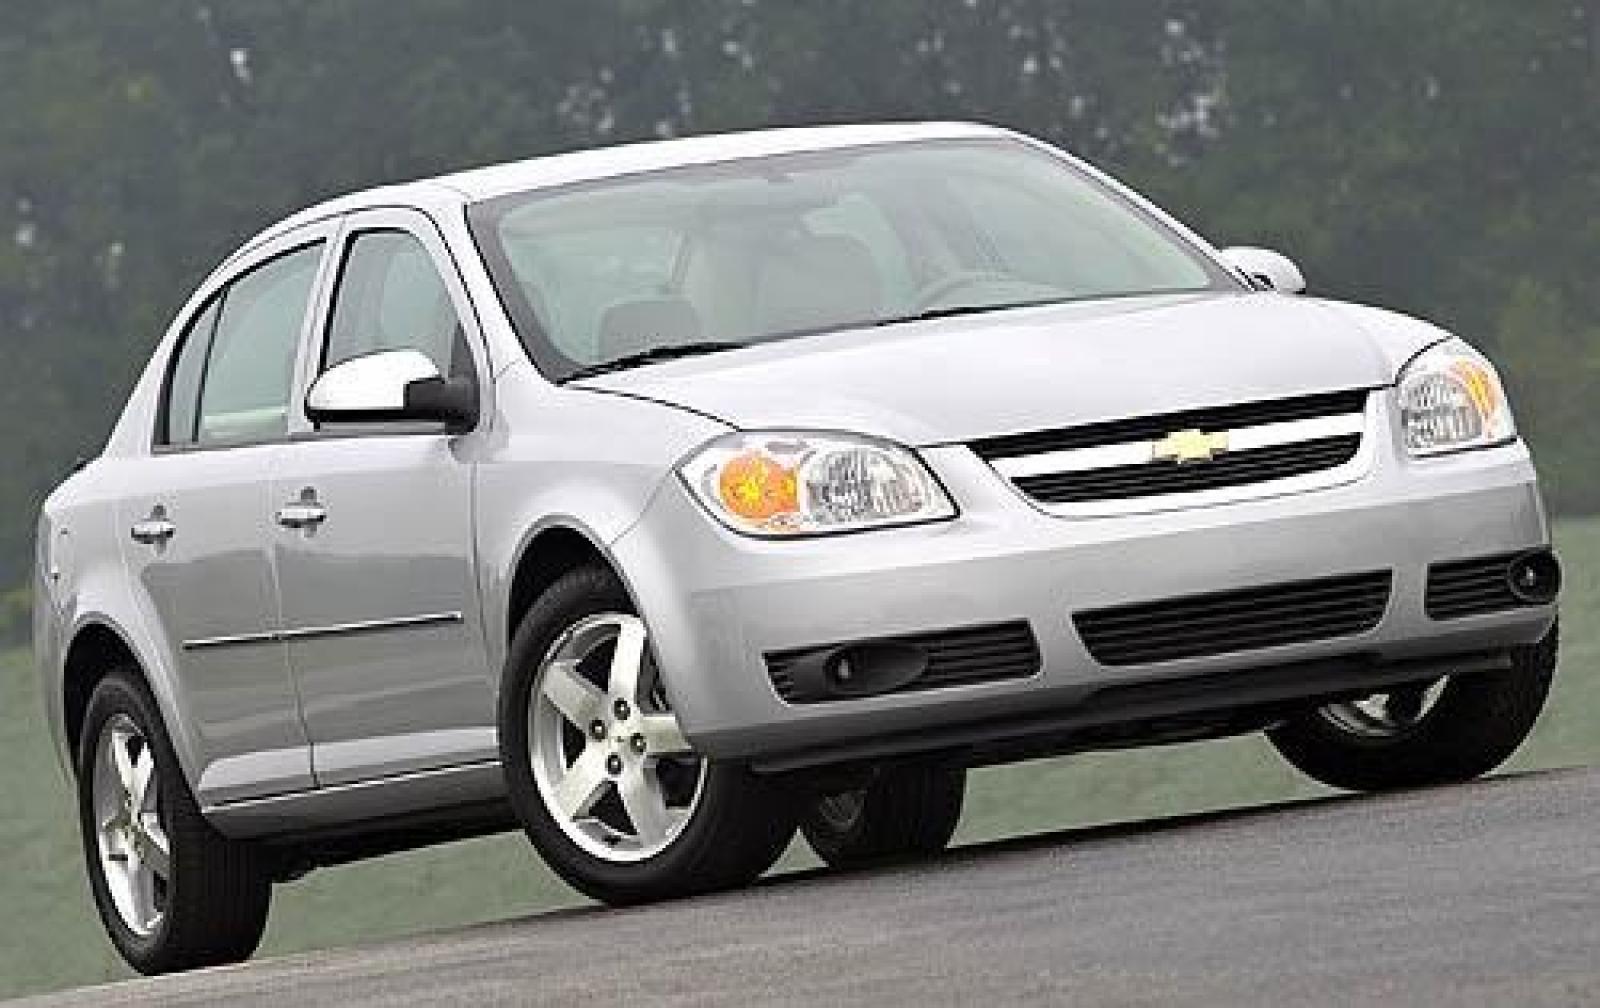 800 1024 1280 1600 Origin 2009 Chevrolet